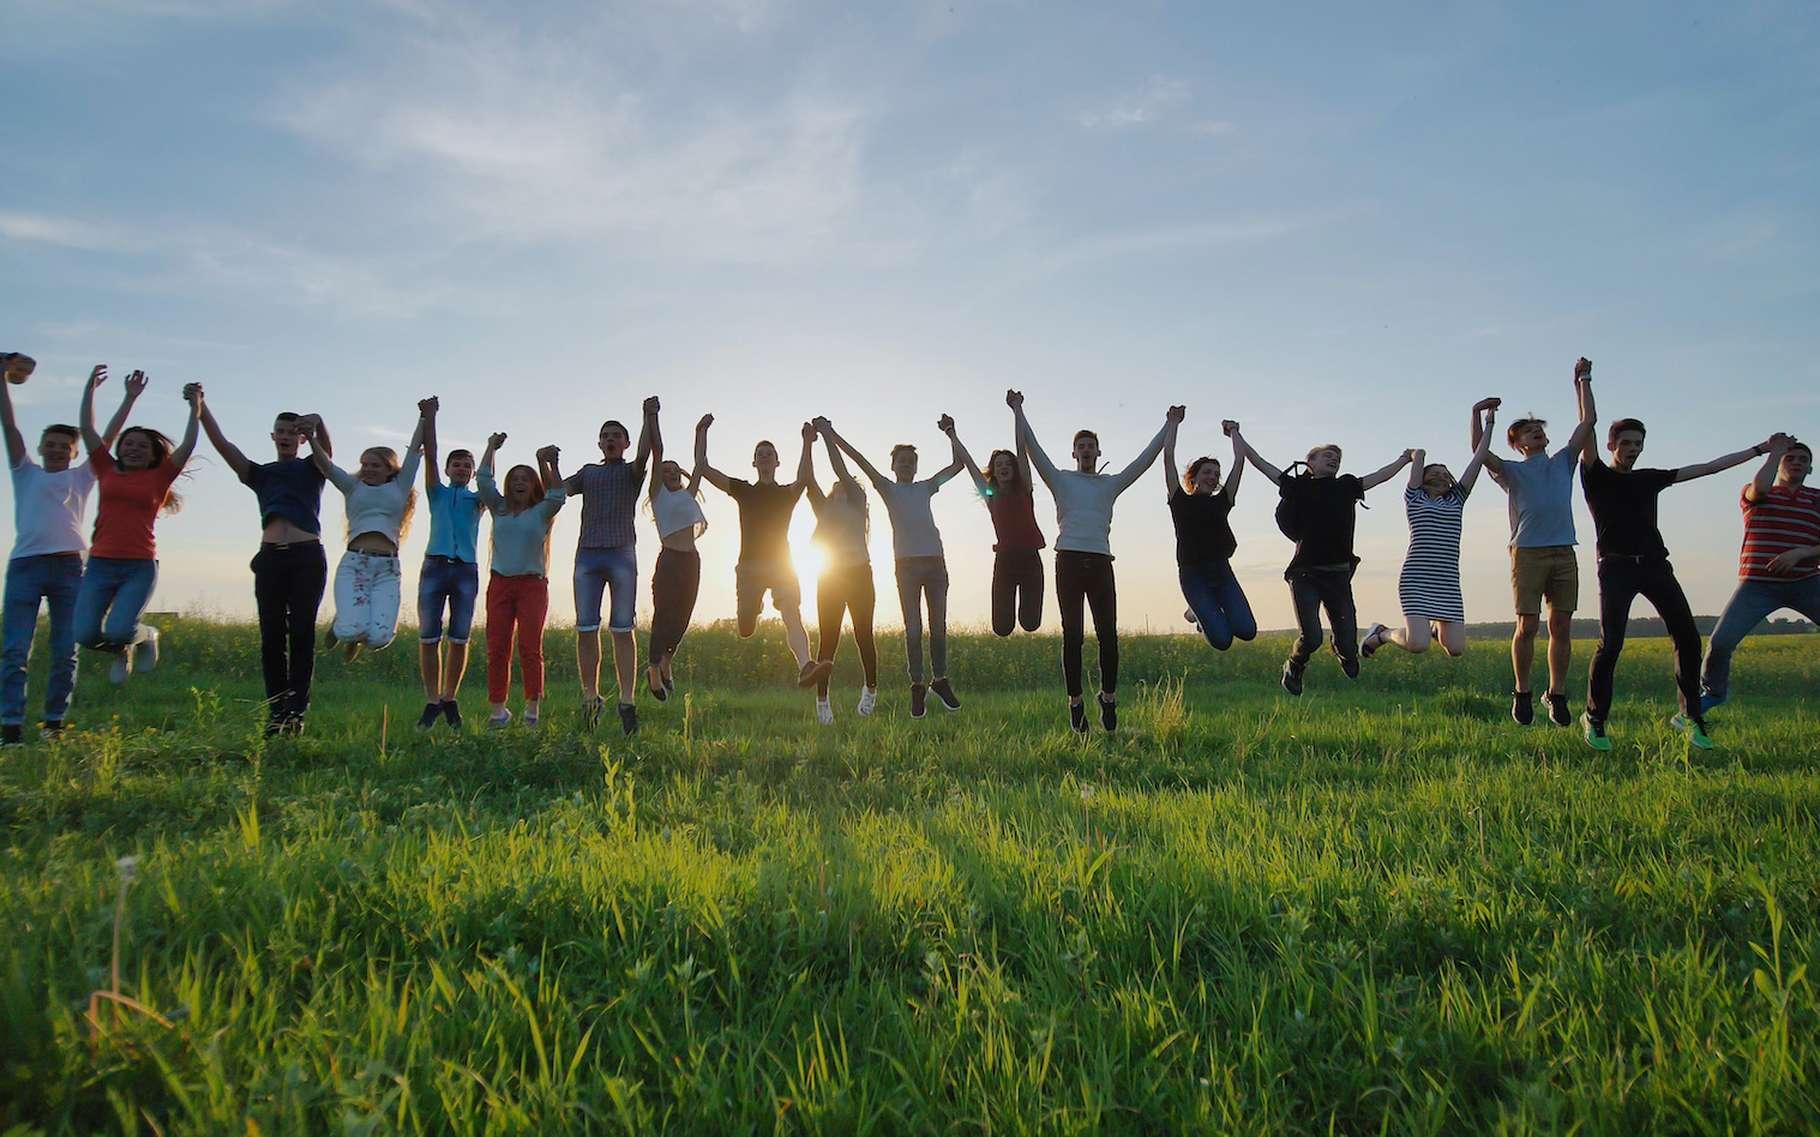 « Agir rend heureux. » Une belle philosophie qui fait le slogan de la Fondation GoodPlanet, portée par le photographe Yann Arthus-Bertrand. Une philosophie validée par plusieurs études scientifiques. © Довидович Михаил, Adobe Stock